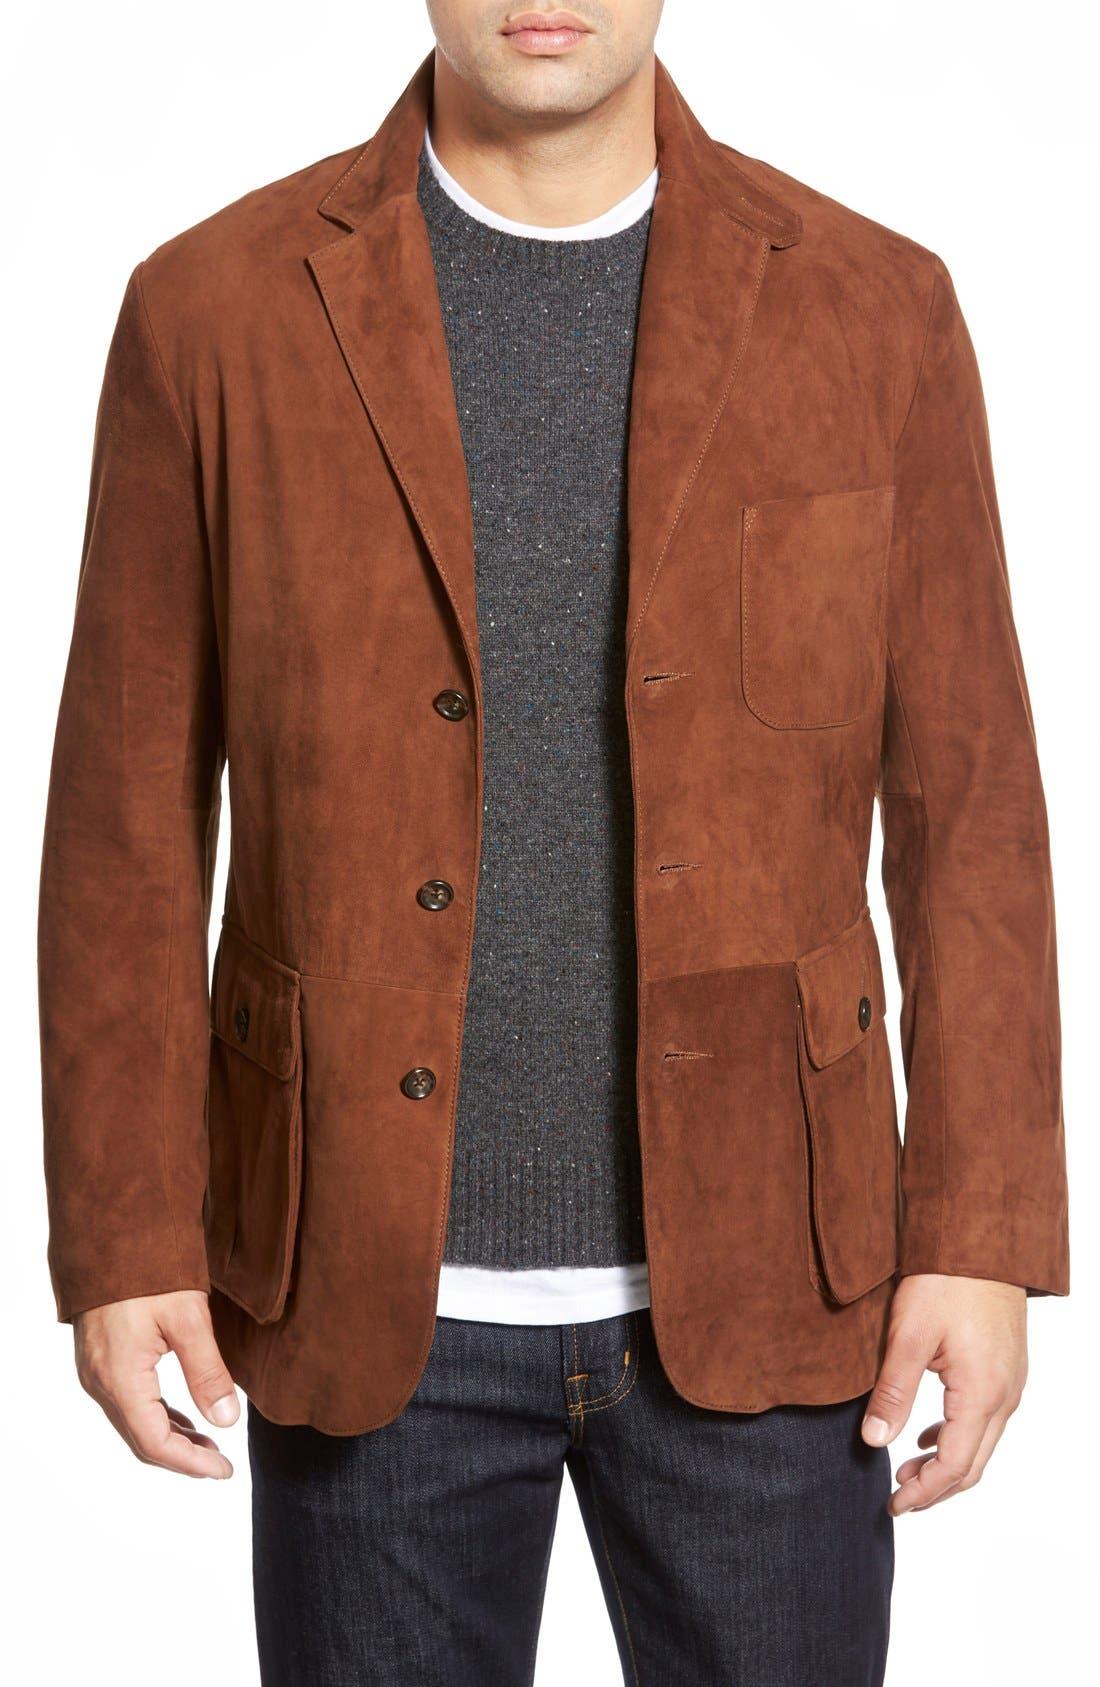 Main Image - Golden Bear Slim FitSuede Blazer